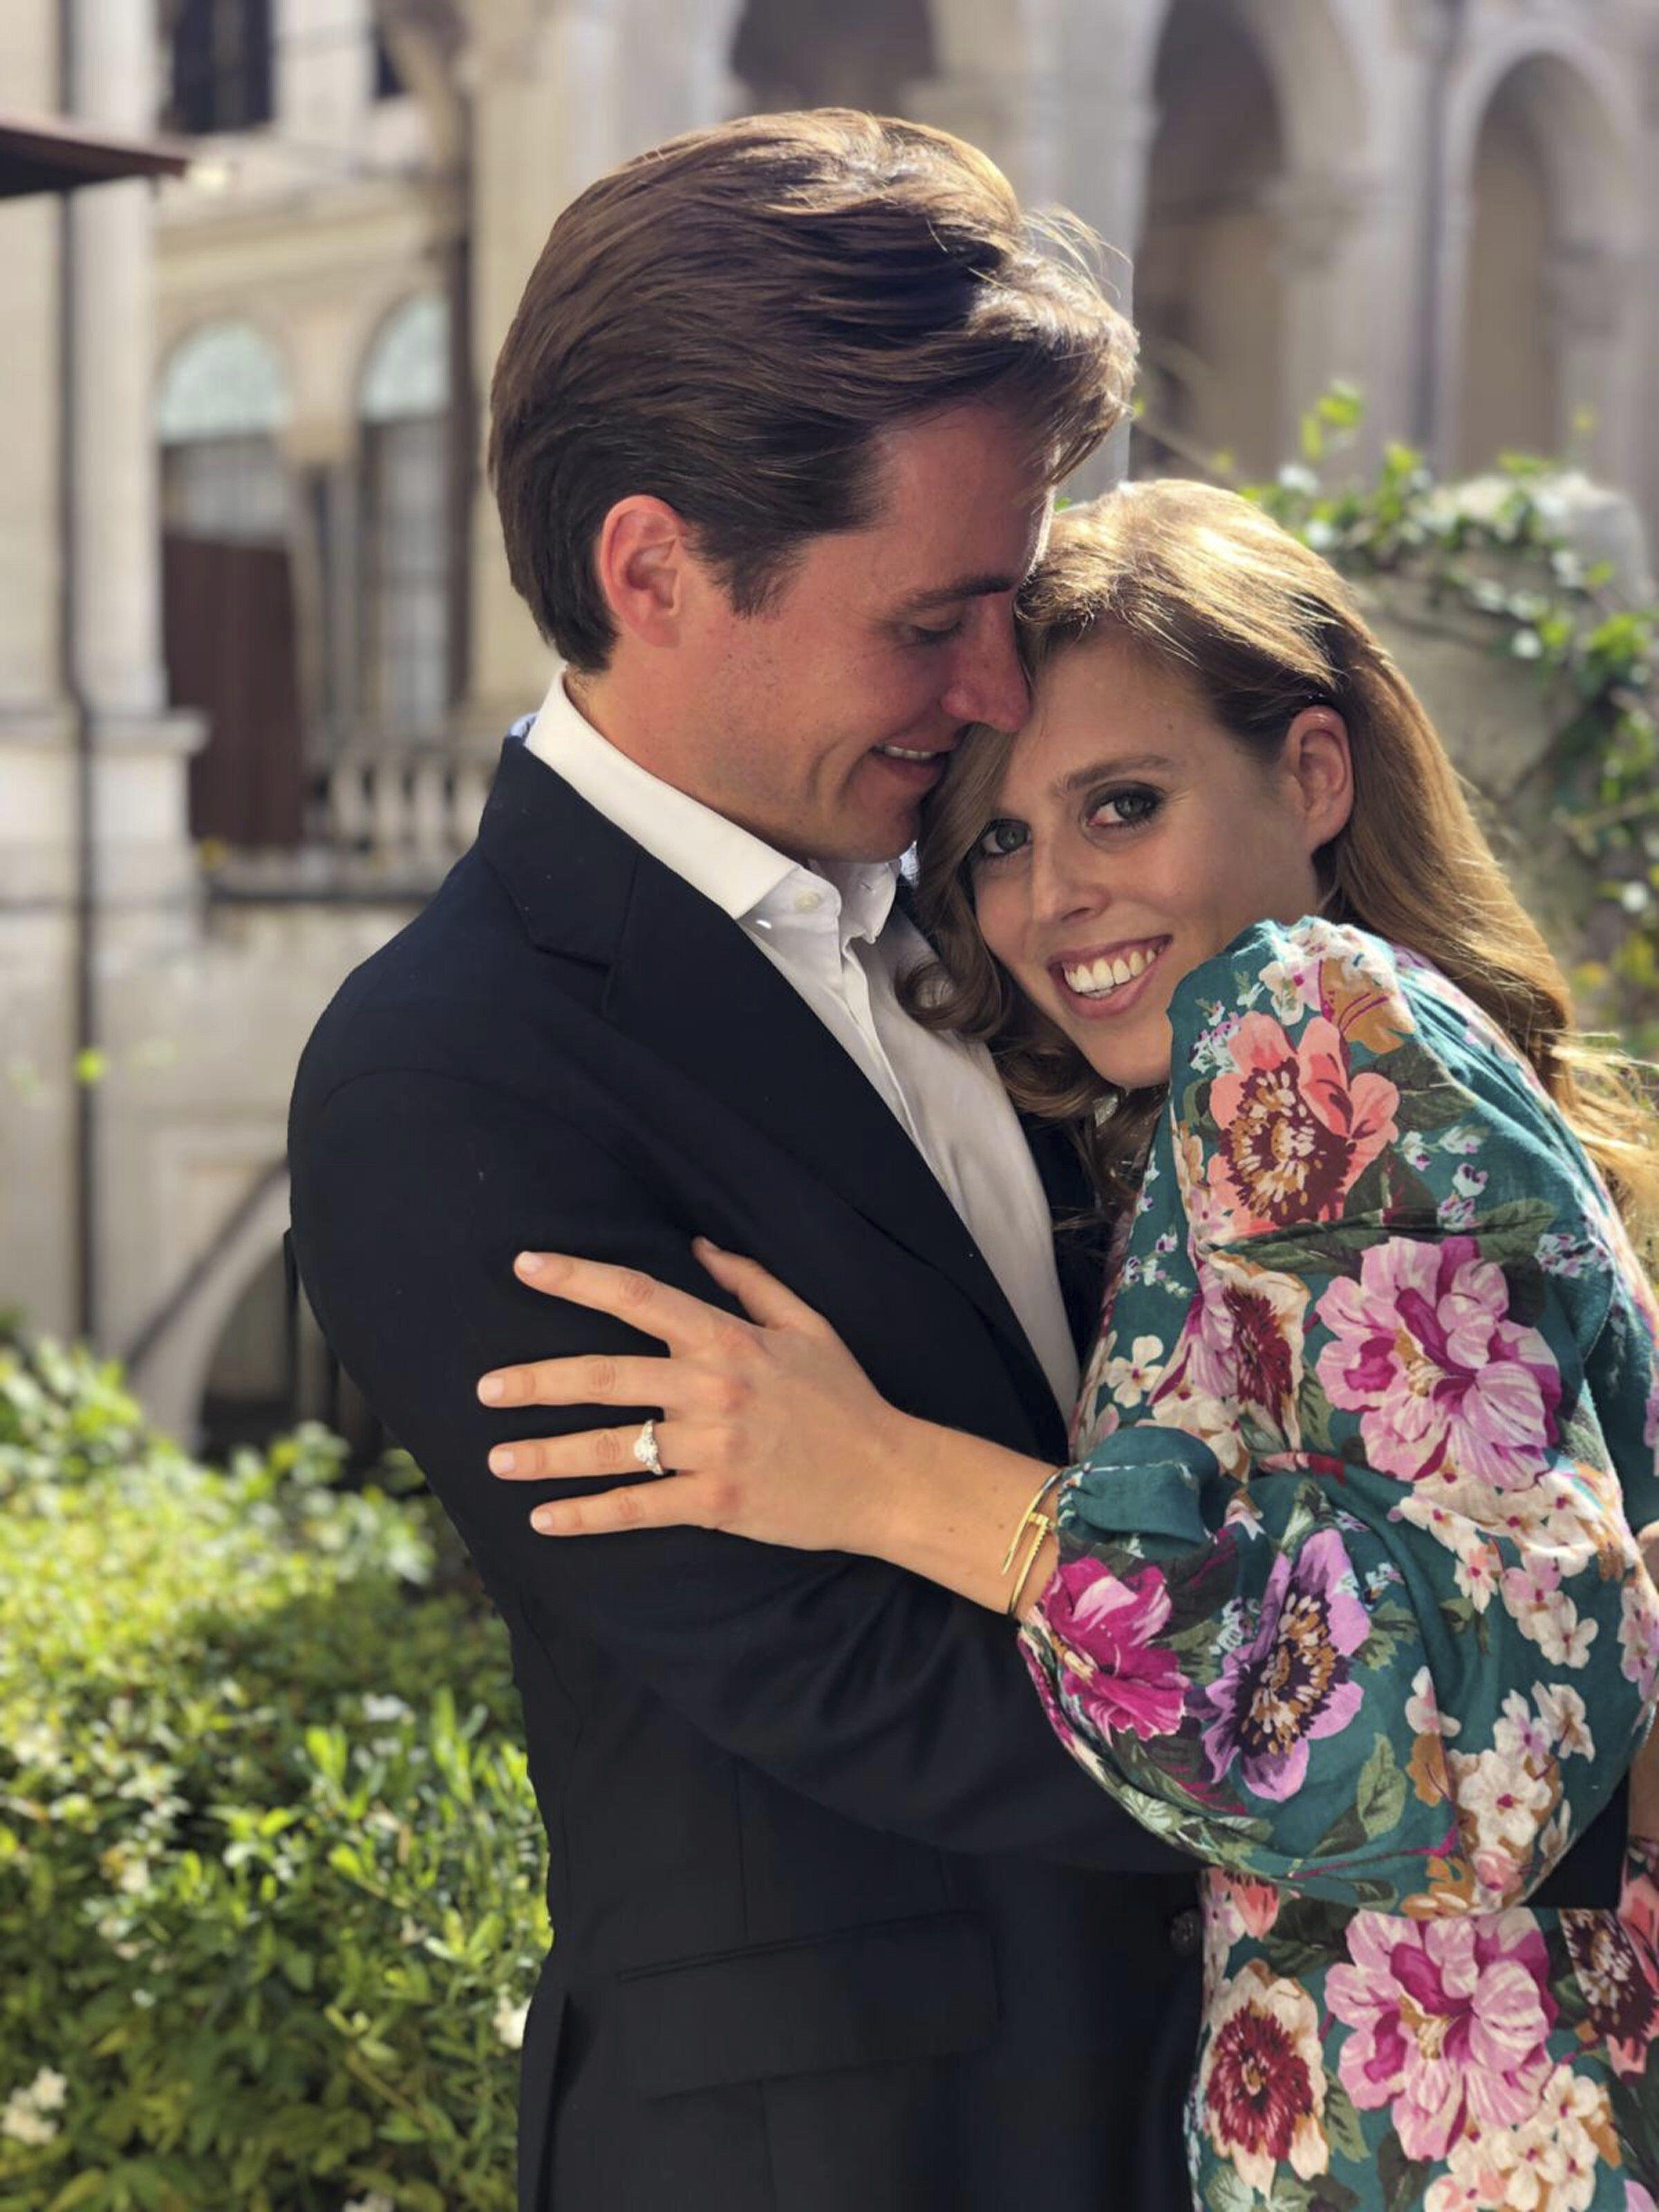 Royals Darauf Konnen Wir Uns 2020 Freuen Prinzessin Beatrice Verlobungsringe Prinzessin Prinzessin Eugenie